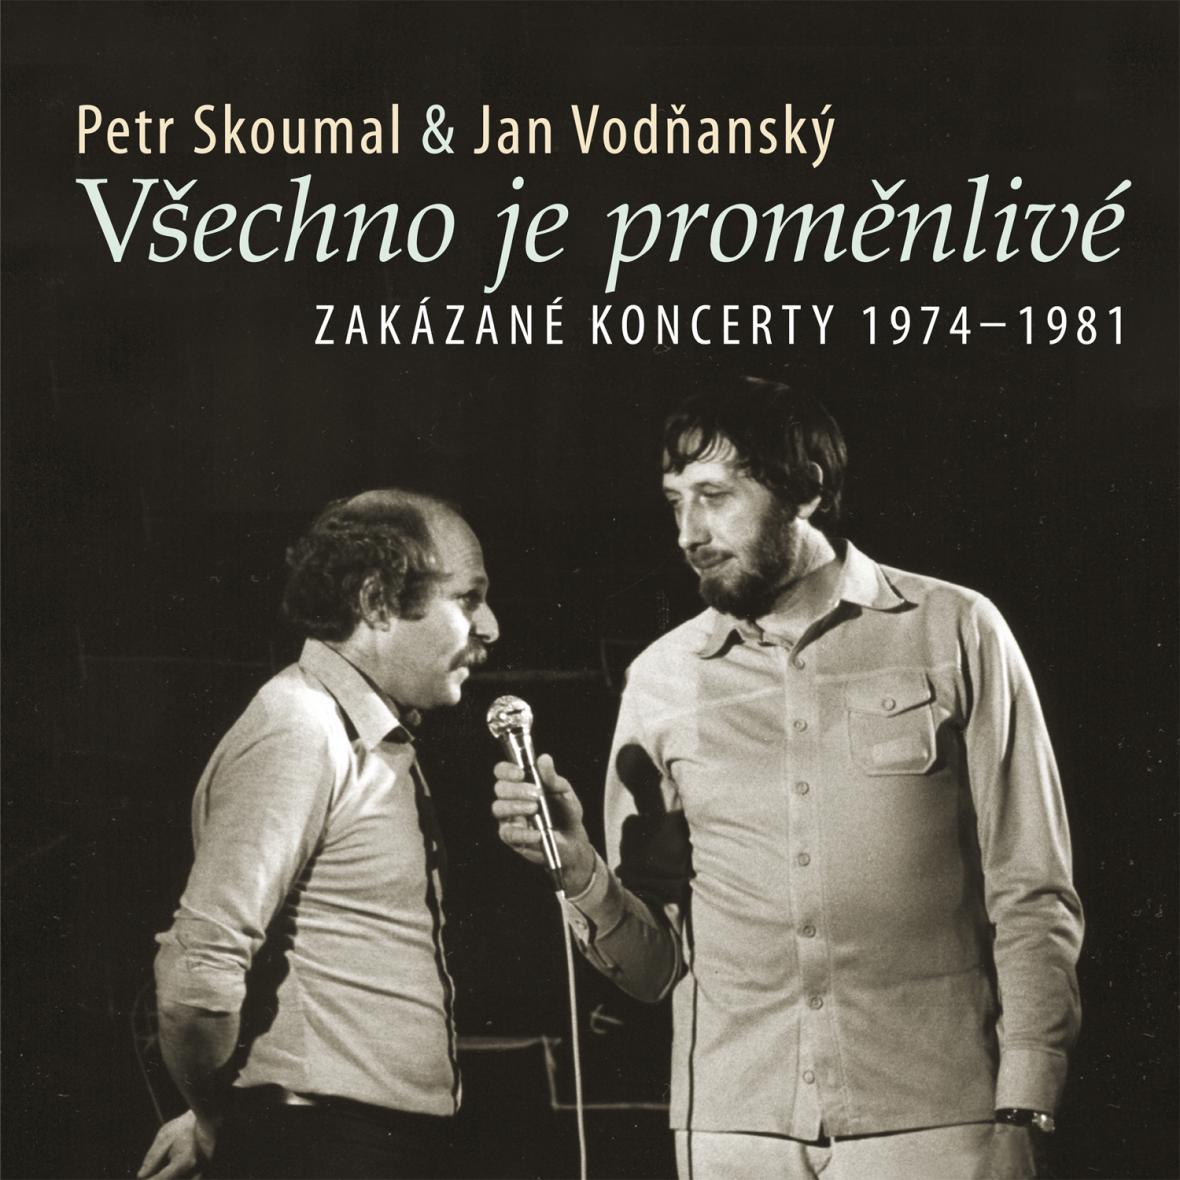 Všechno je proměnlivé: Zakázané koncerty 1974-1981